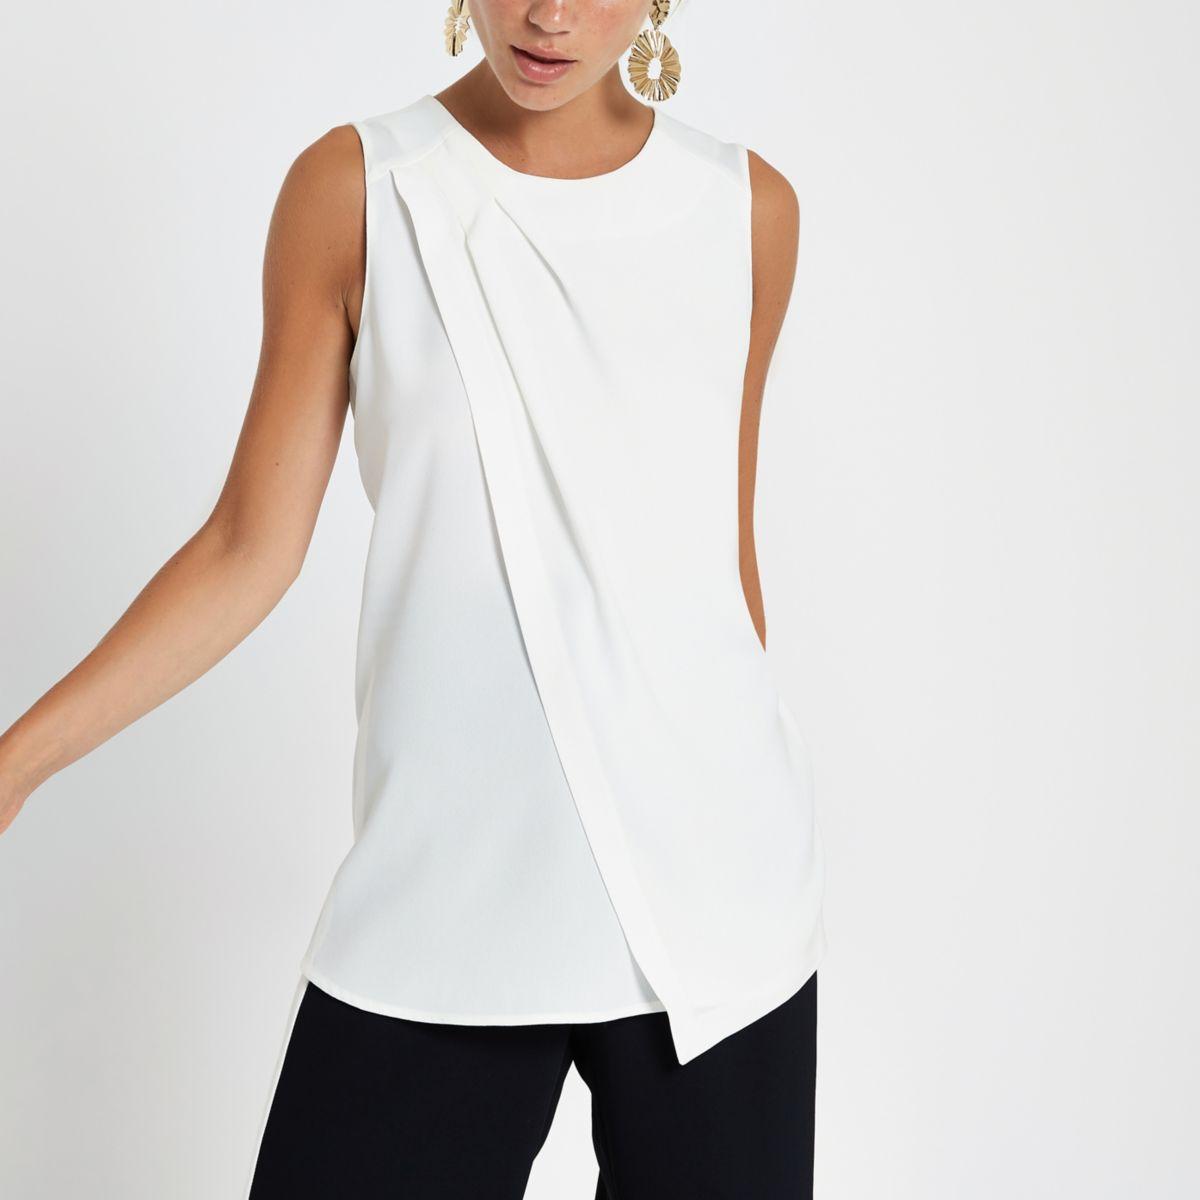 White sleeveless wrap top